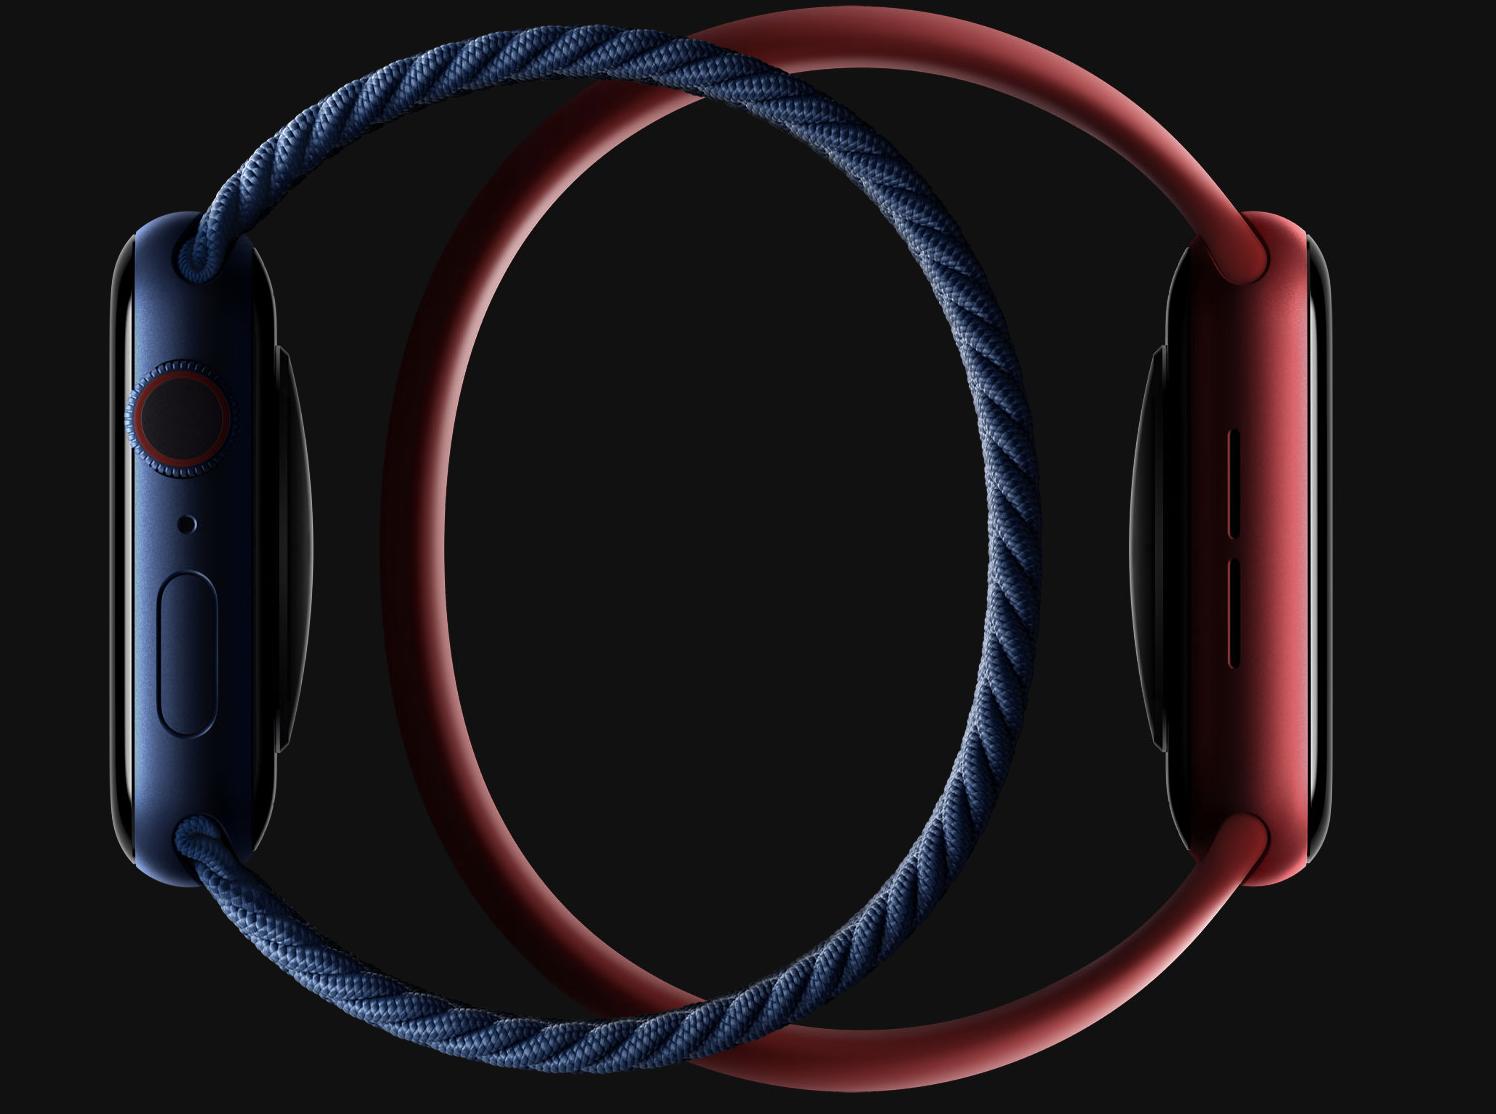 applewatchseries6loop